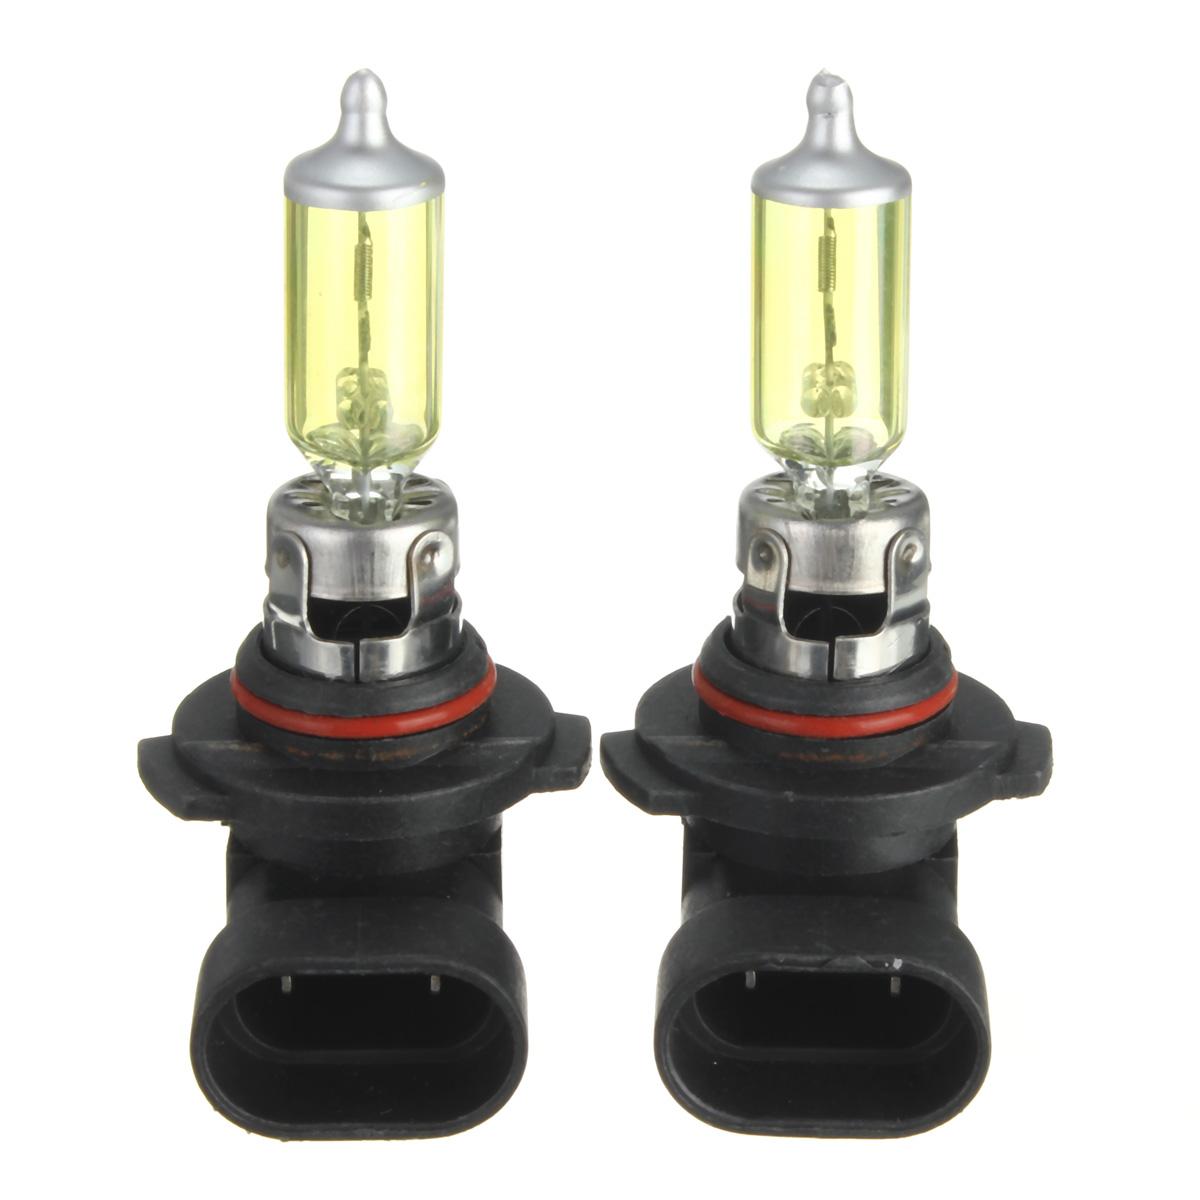 Un paio di h10 42w ha nascosto lampade di lampadine xenon dc12v 3000k-3500k giallo